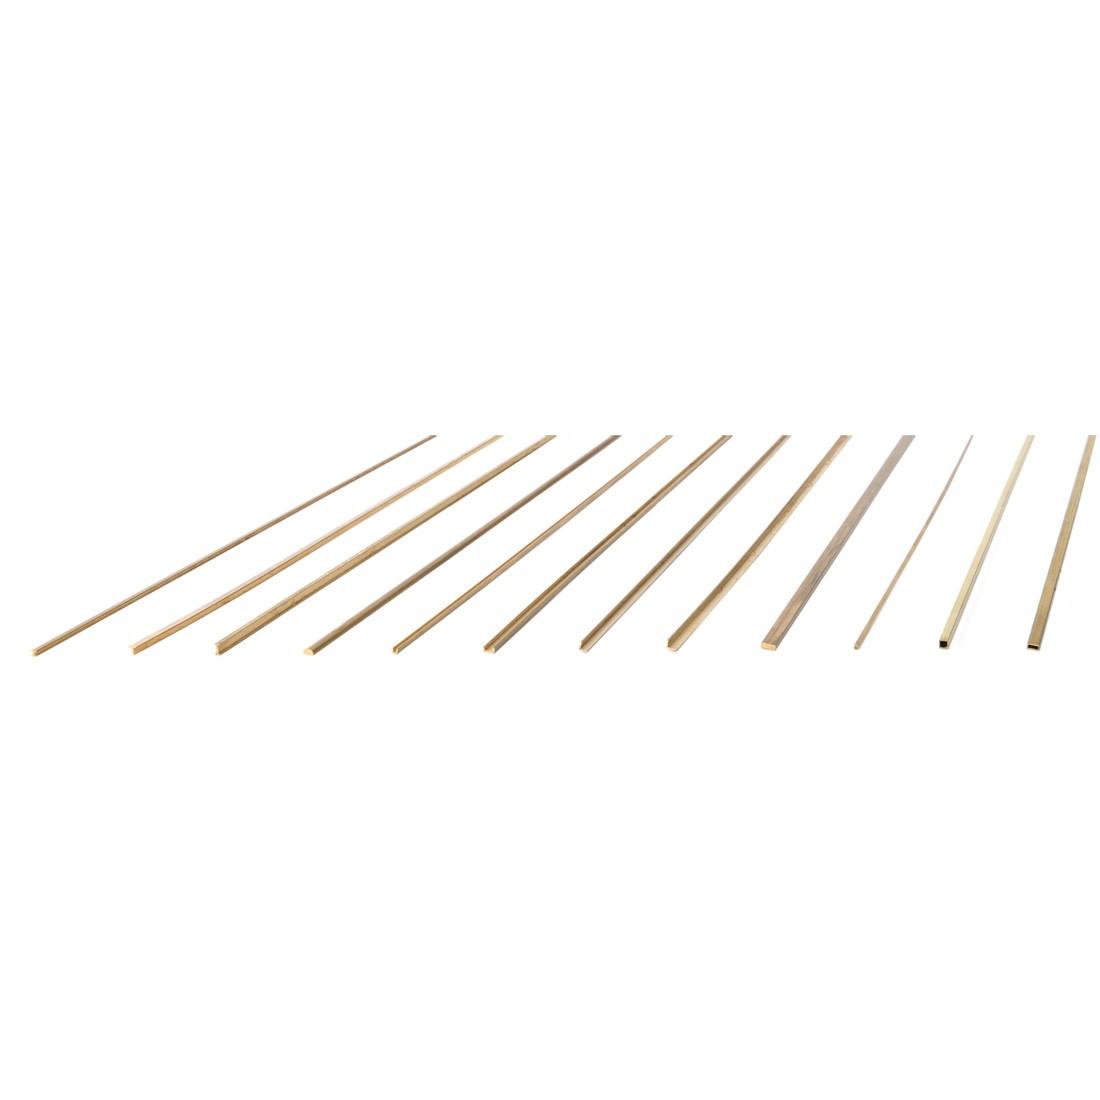 Microprofilati Ottone mm. 1,5x1,5x500 sez. L